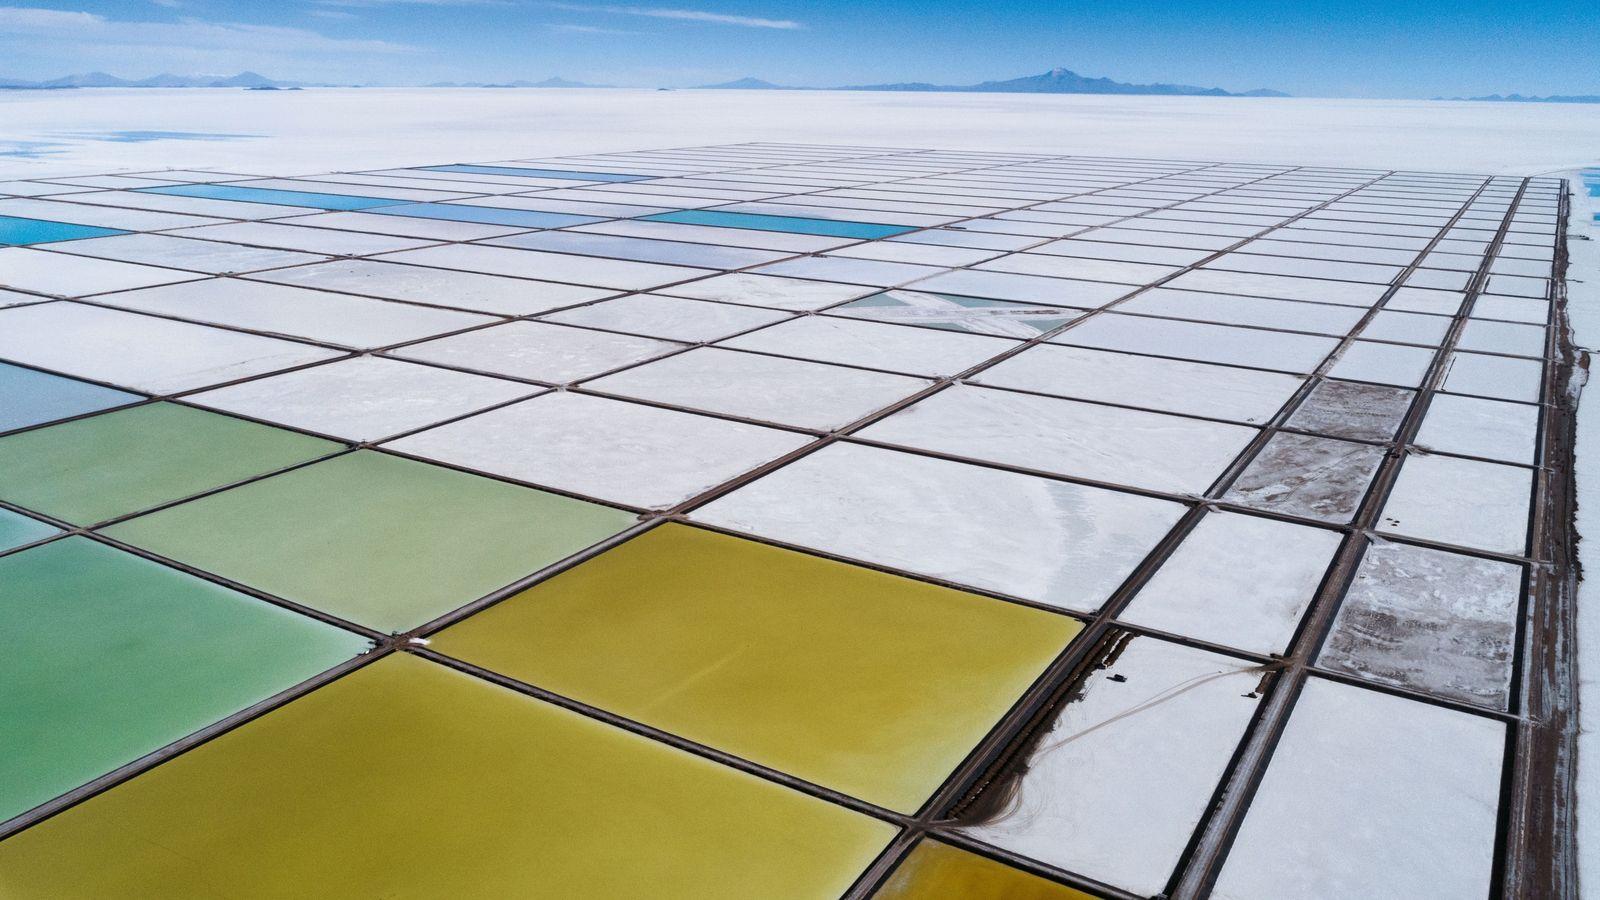 Les bassins d'évaporation de l'usine-pilote de lithium de Llipi, dans le Salar de Uyuni. L'usine produit ...